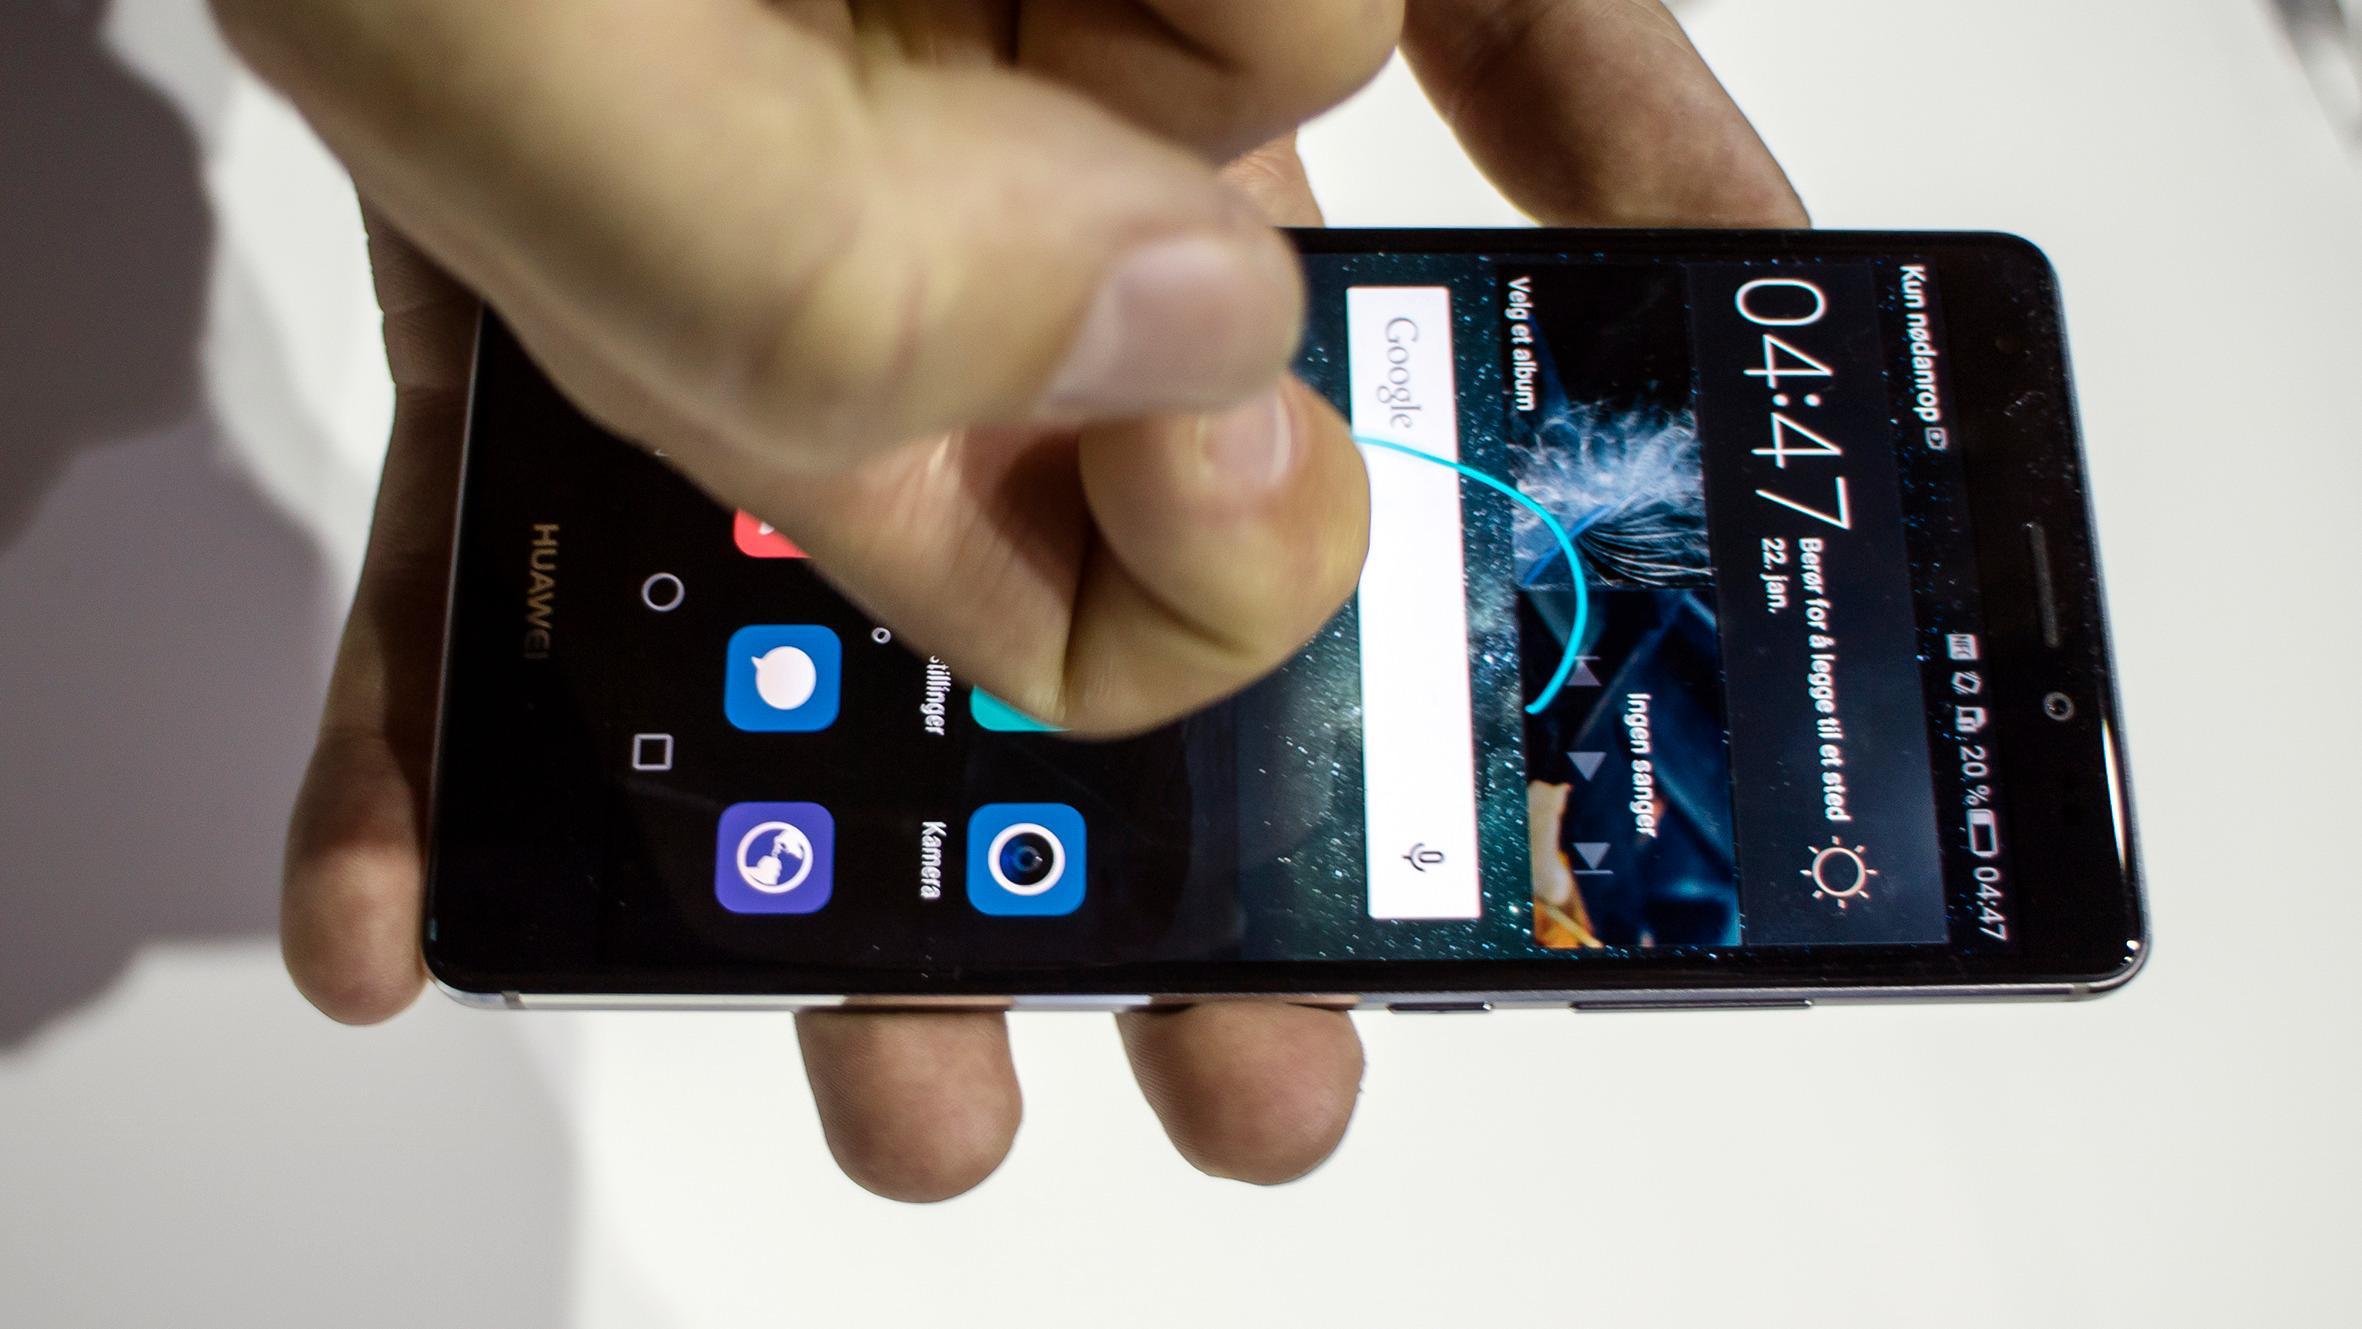 I tillegg til å registrere at du bruker en knoke, kan skjermen kjenne hvor hardt du berører den.Foto: Odd Richard Valmot, Tek.no